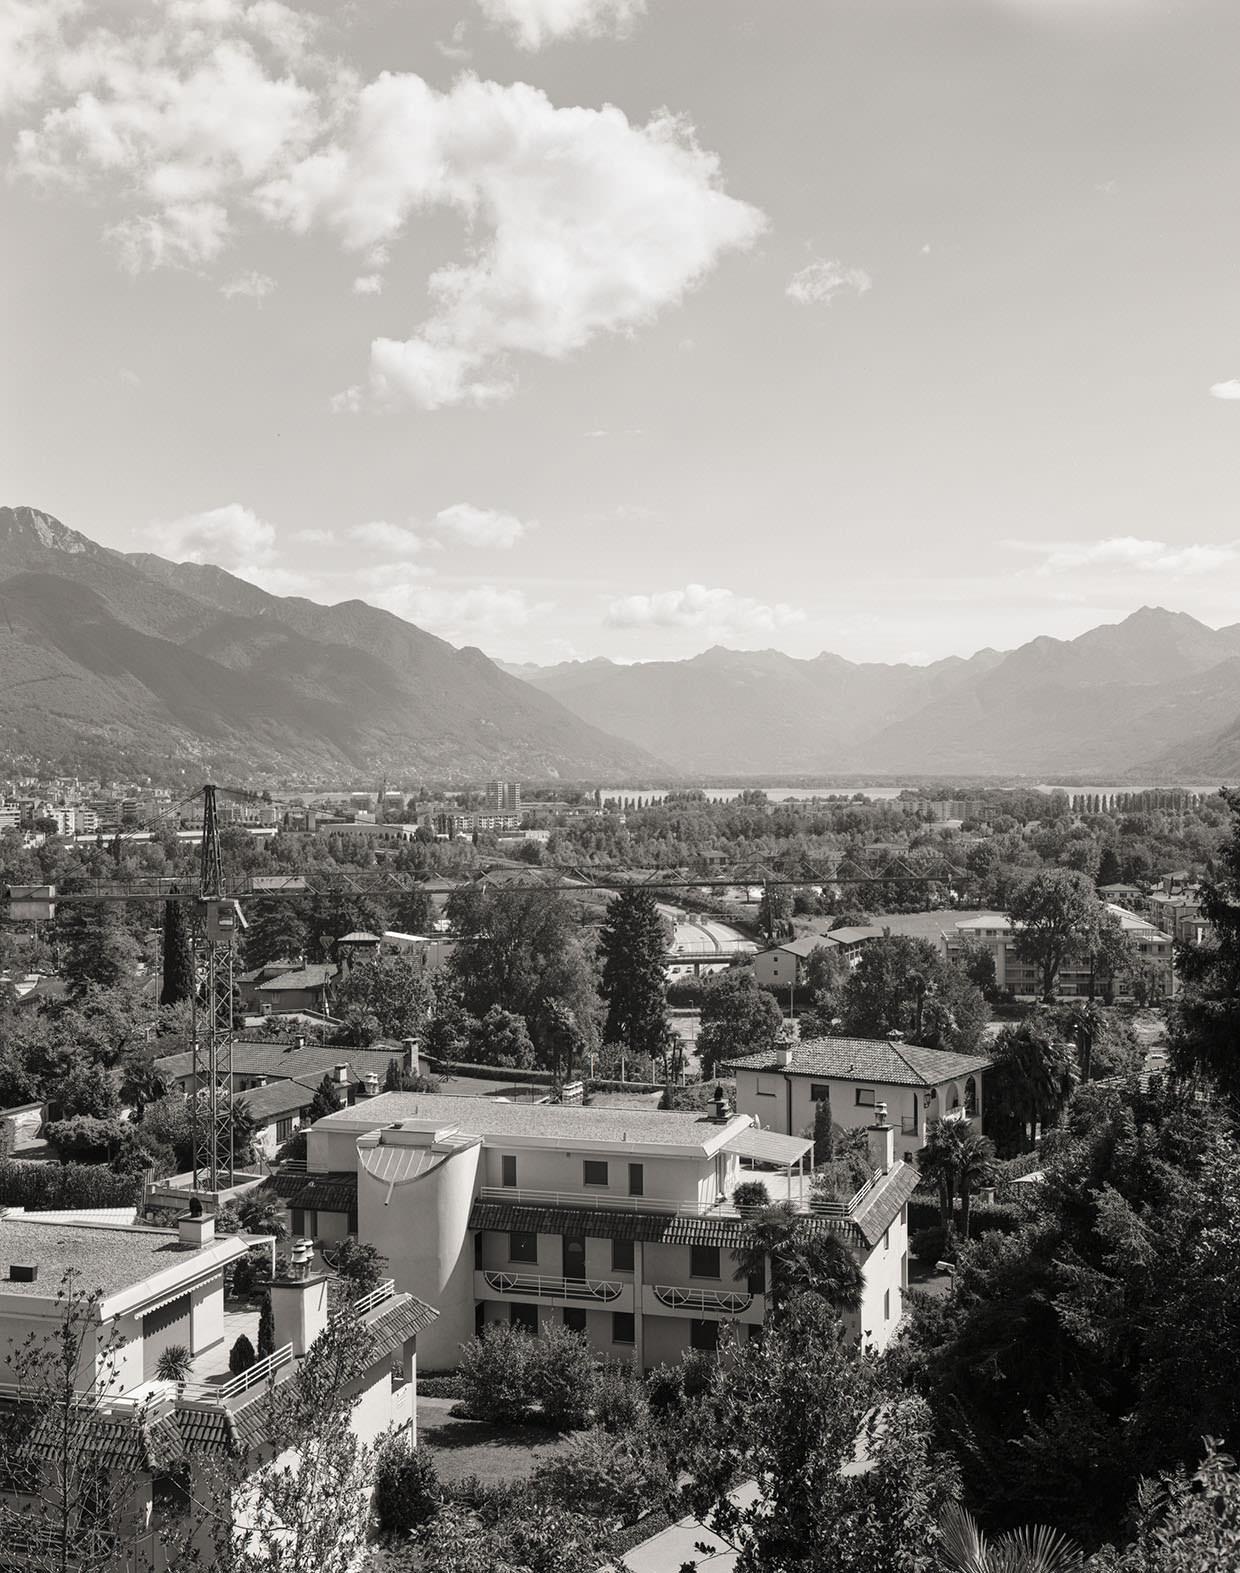 Panorama von Locarno, von Muralto aus aufgenommen auf dem Gelände der Klinik S. Agnese, 2005, Fotograf: Dominique Uldry ©Dominique Uldry, Bern